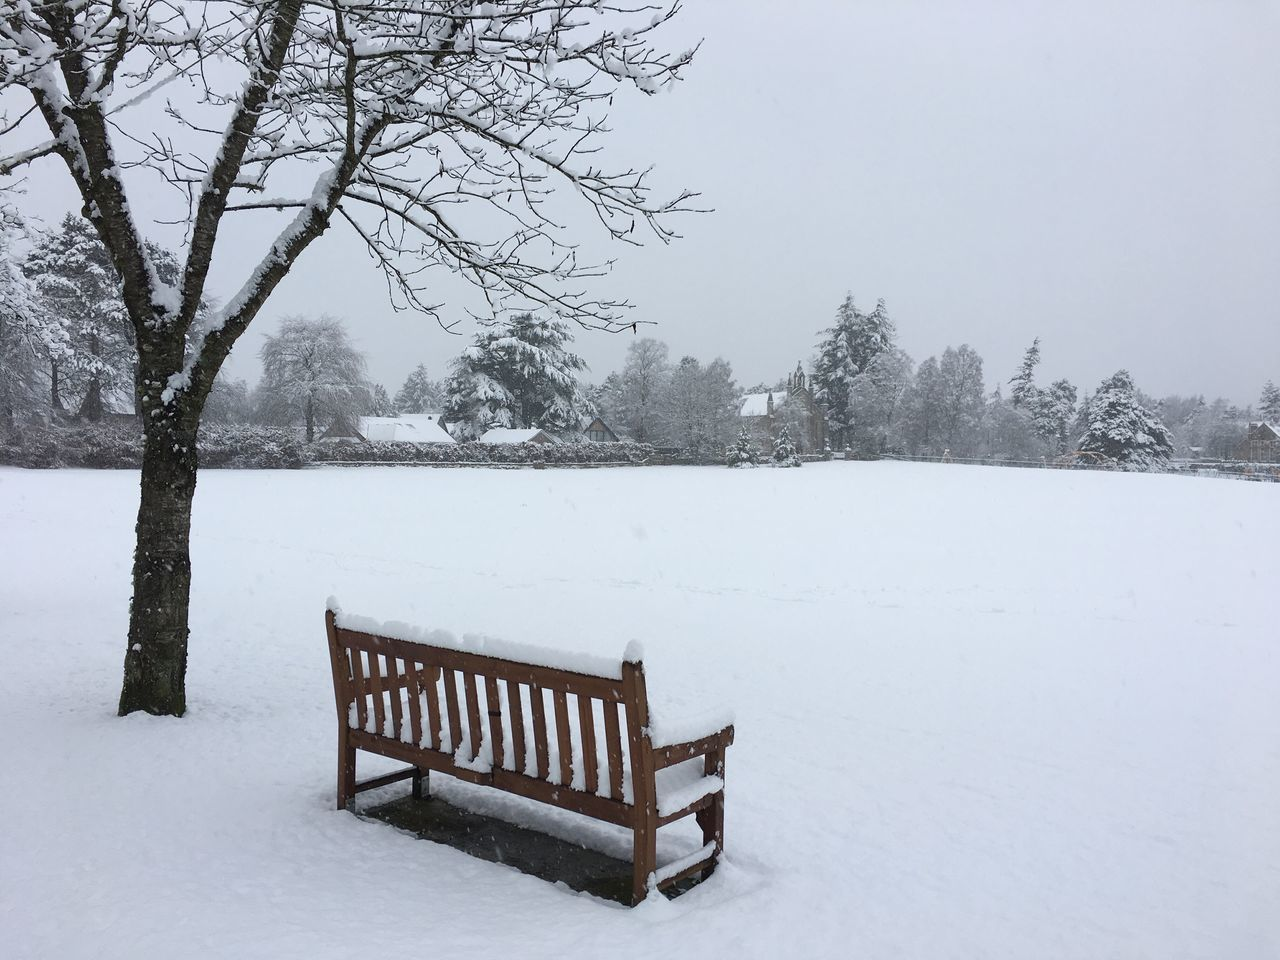 Snow Weather Aboyne Aberdeenshire Aboyne Green 3XSPUnity 3XSPhotographiUnity 3XSPUnity 3XSPhotographyUnity